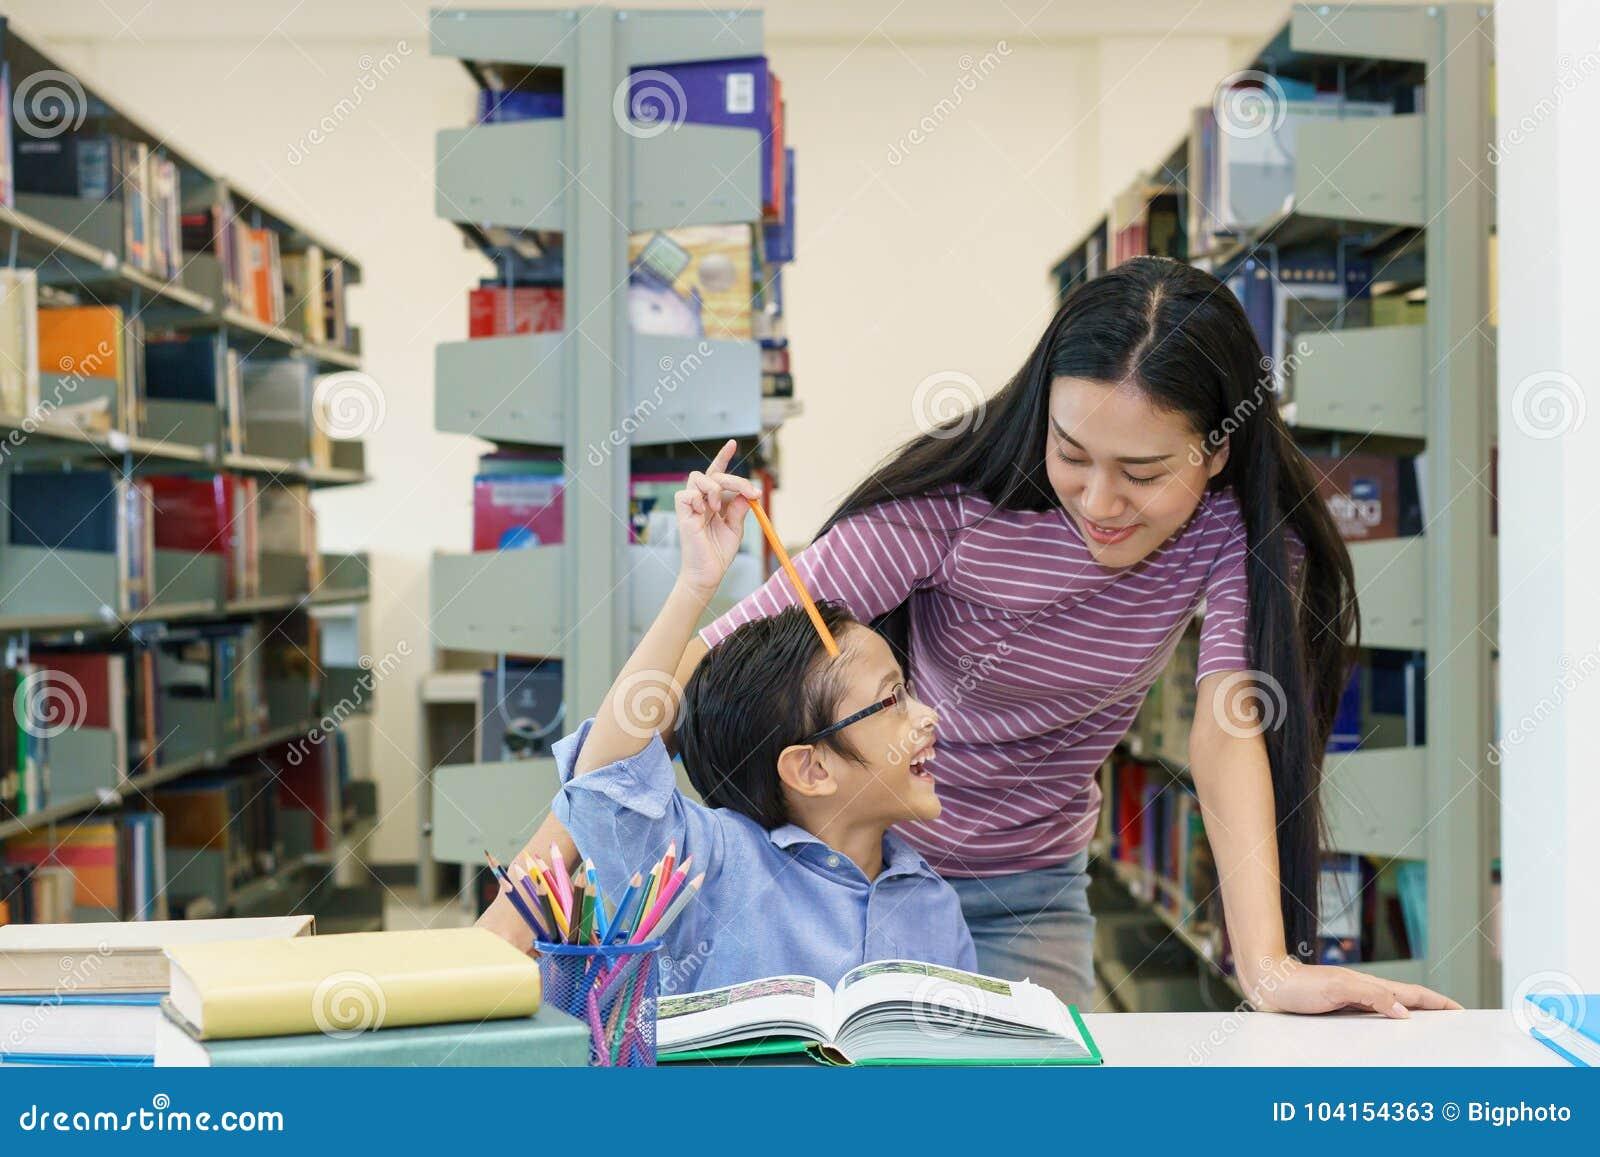 Οι όμορφες γυναίκες με την ανάγνωση μικρών παιδιών κρατούν μαζί στη βιβλιοθήκη